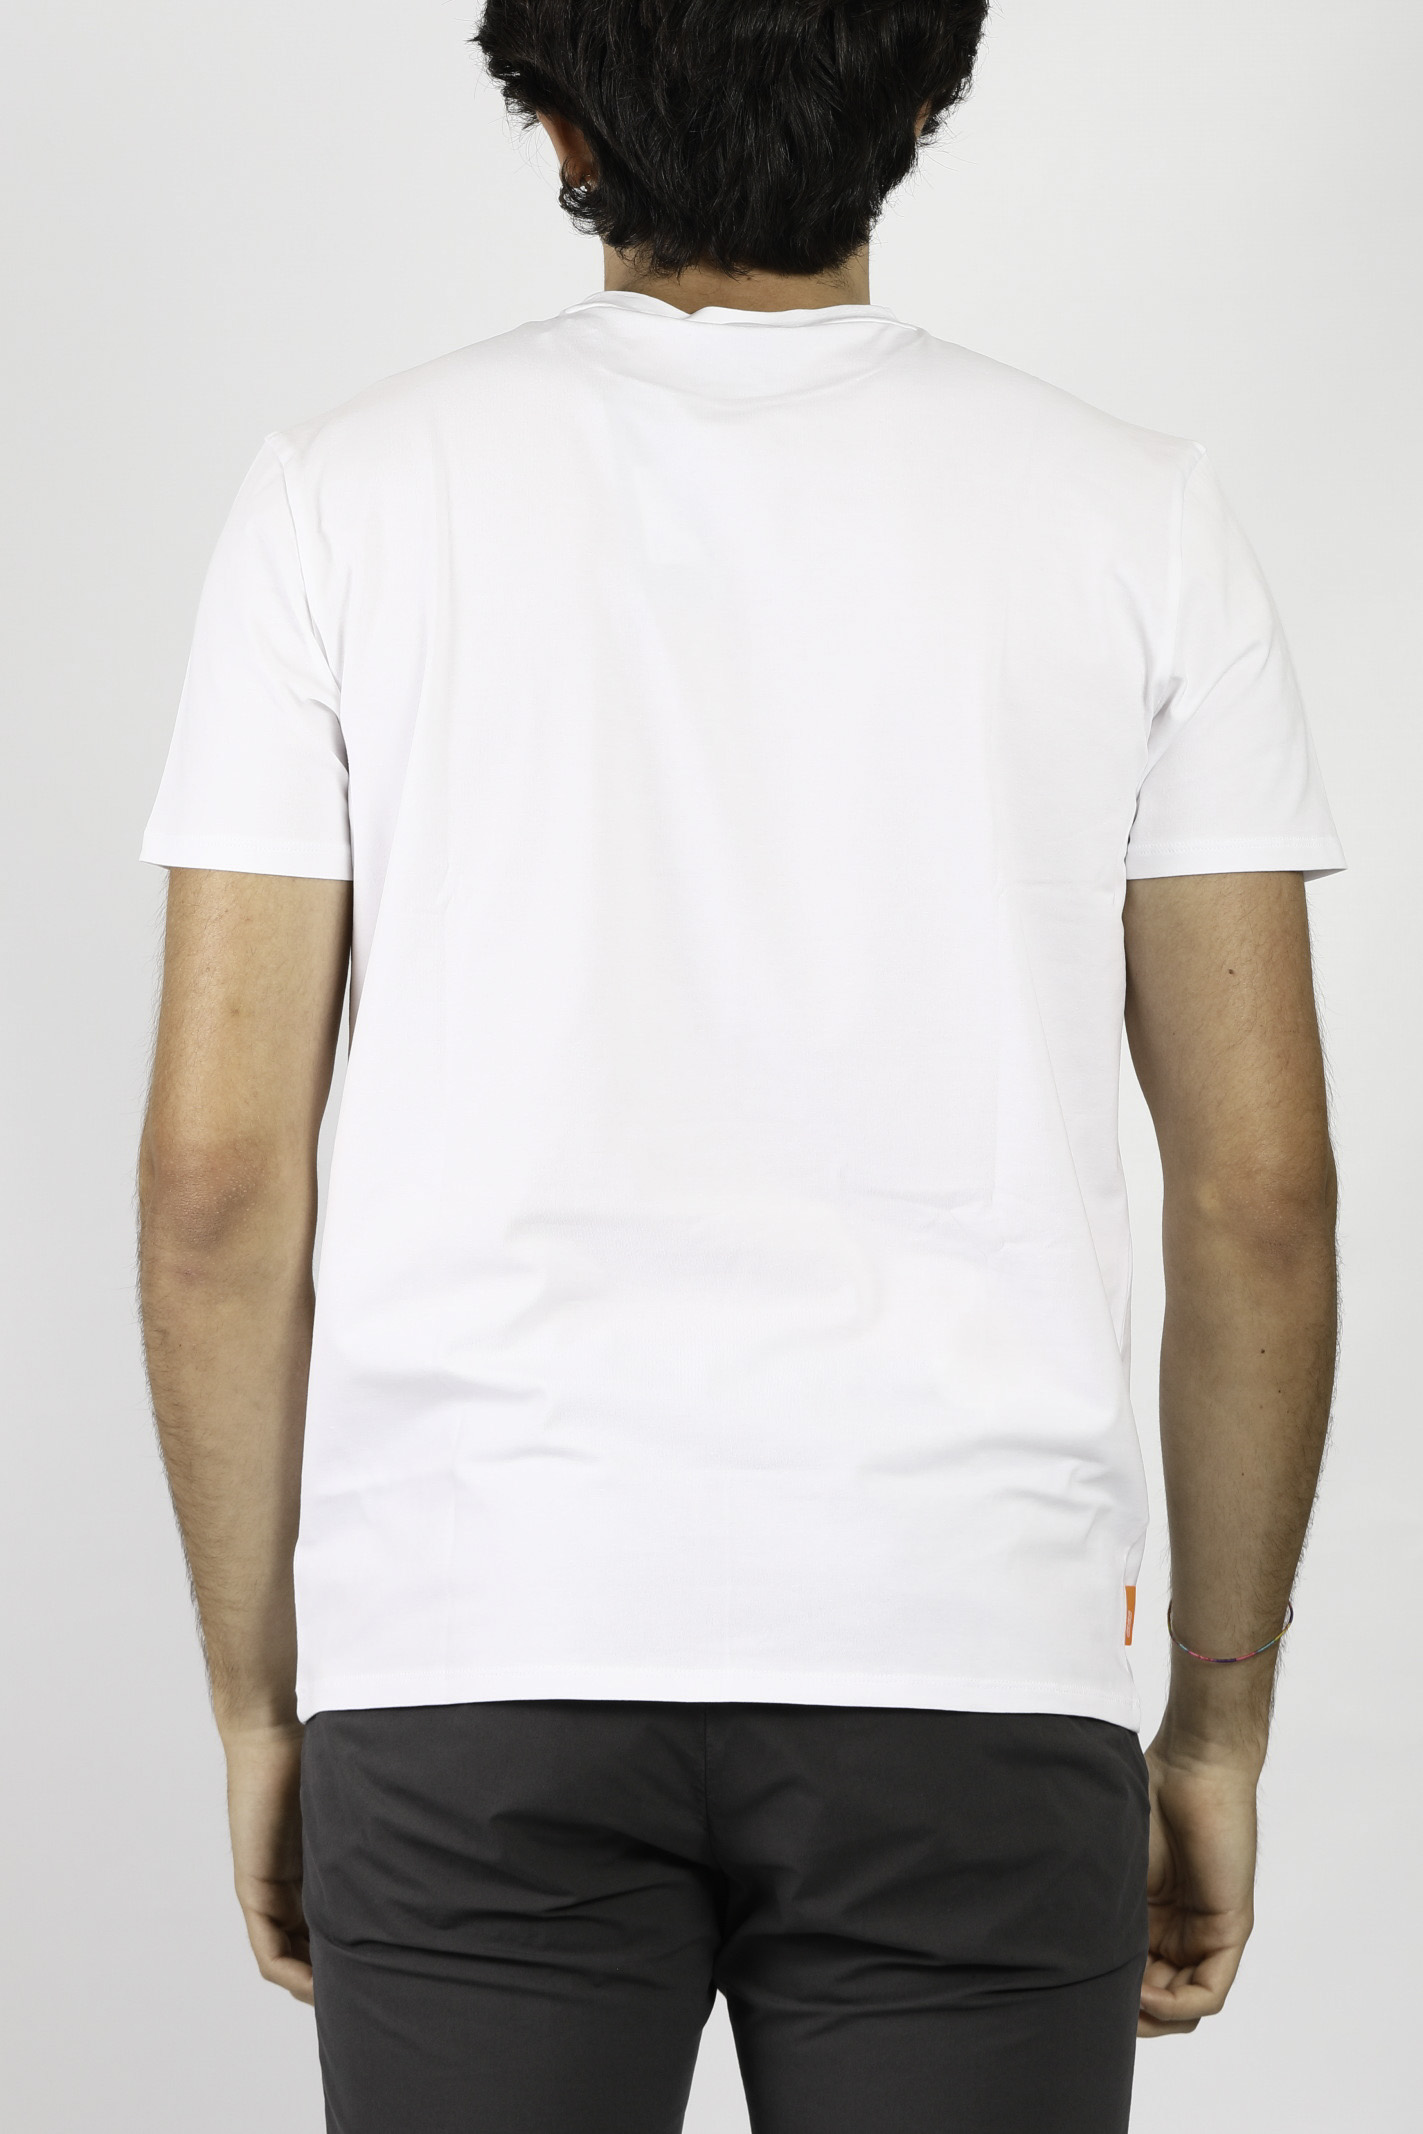 SHIRTY REVO RRD   T-shirt   2116309